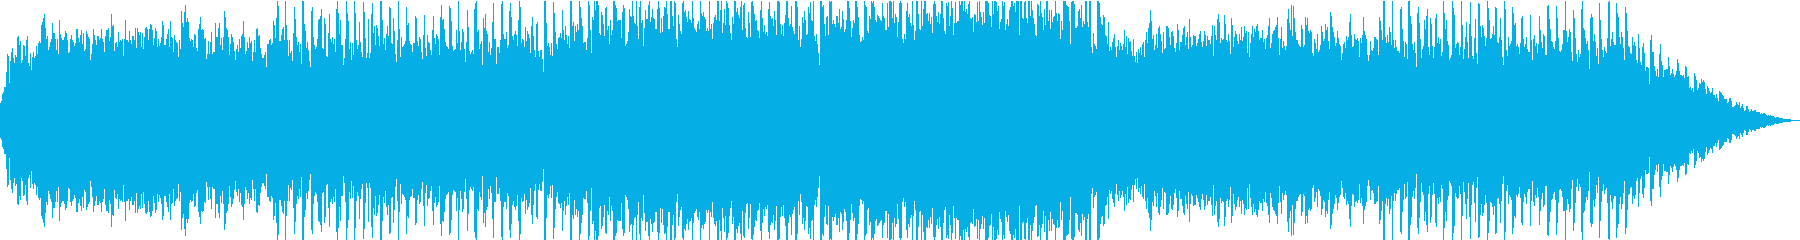 張り詰めた空気感を感じるBGMの再生済みの波形